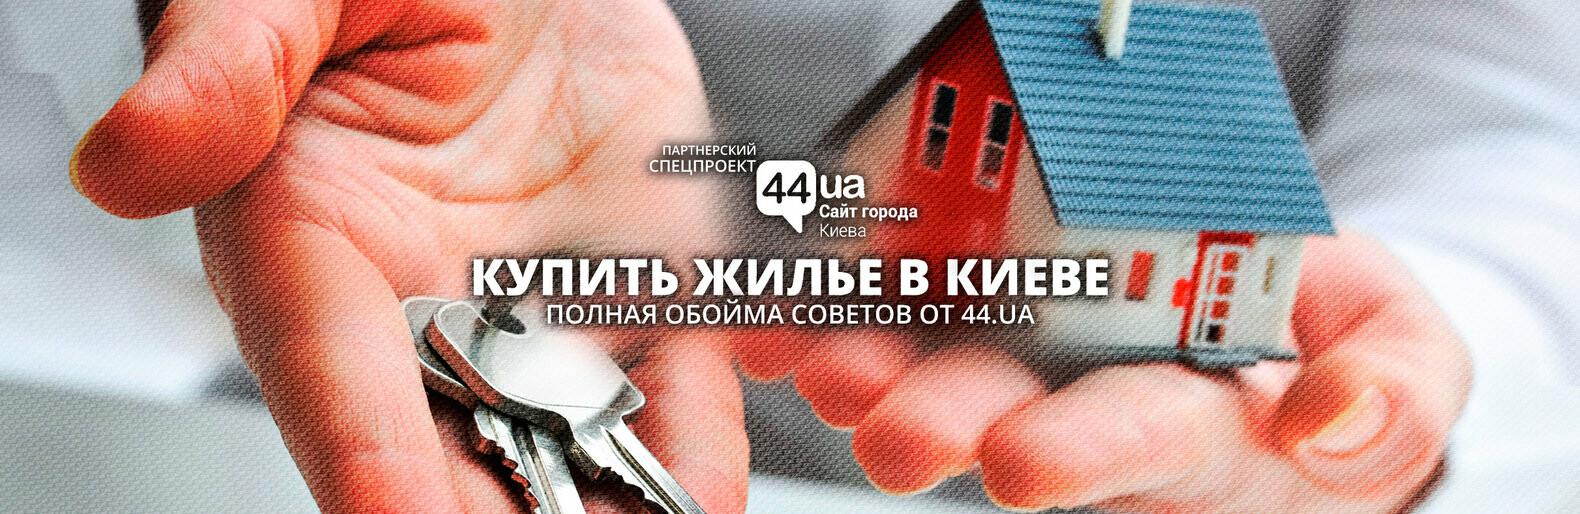 Купить жилье в Киеве - полная обойма советов от 44.ua